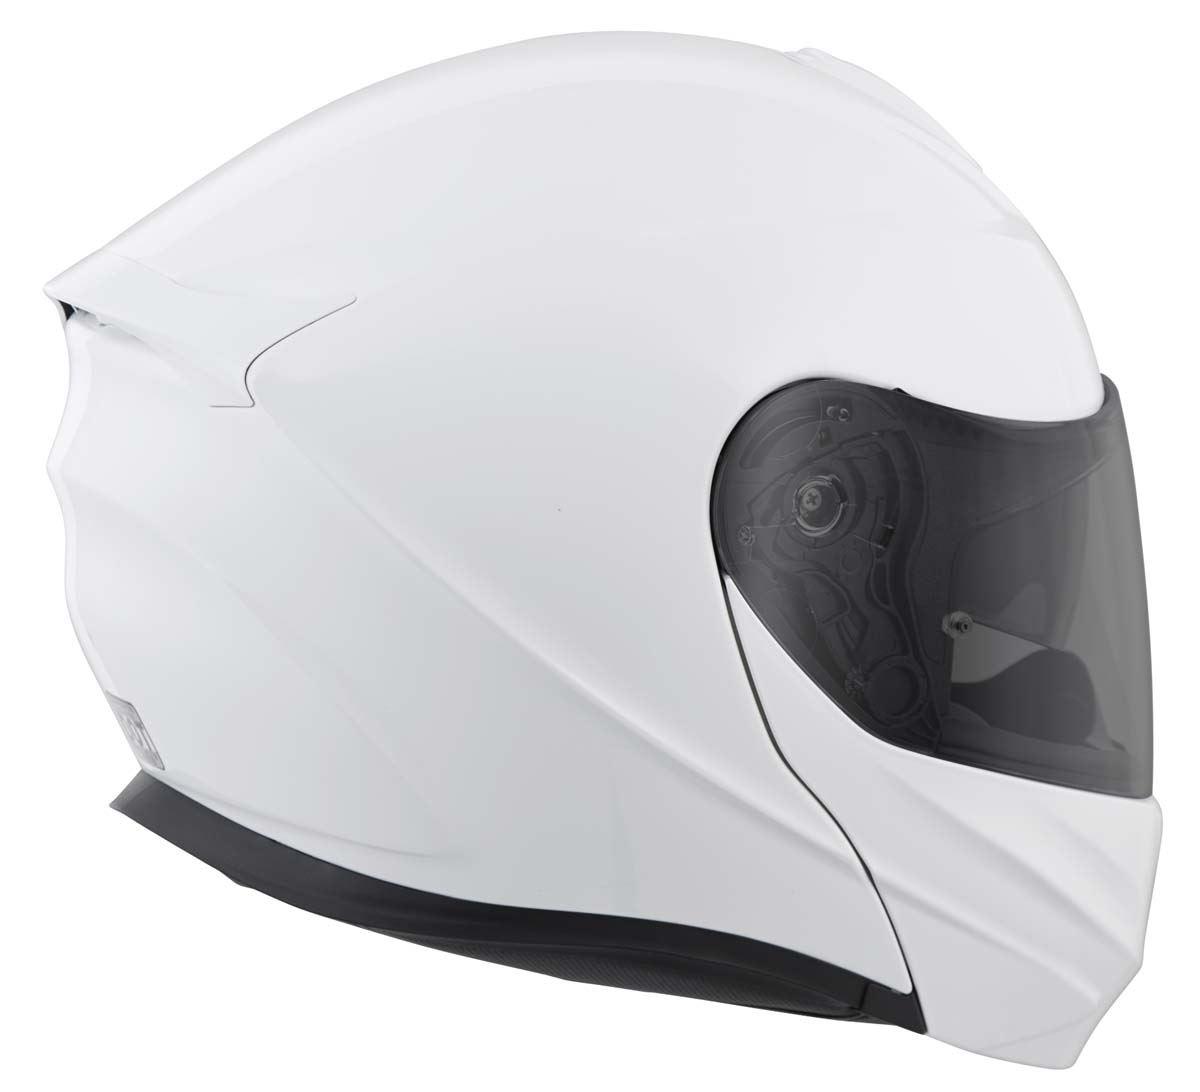 Scorpion-EXO-GT920-Helmet-Sport-Touring-Modular-Flip-Up-DOT-Approved-XS-3XL miniature 15